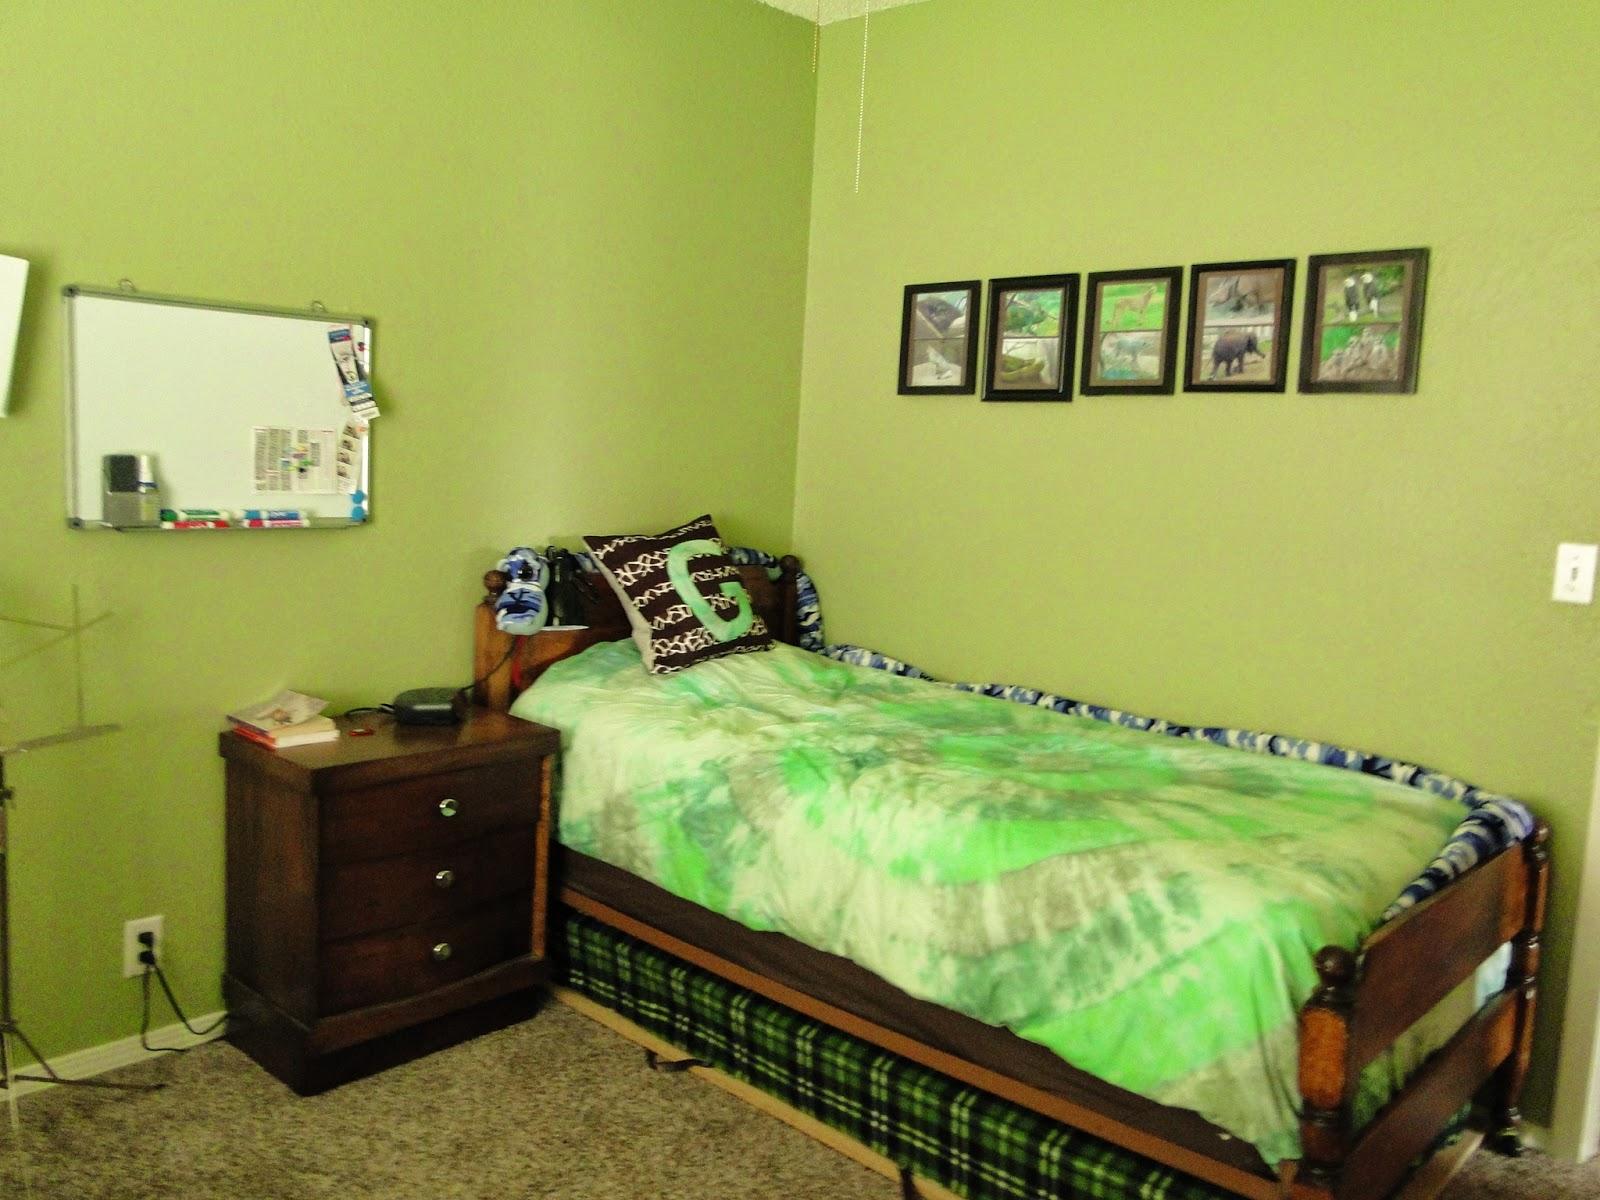 Tween Boy Bedroom Reveal - frazzled JOY